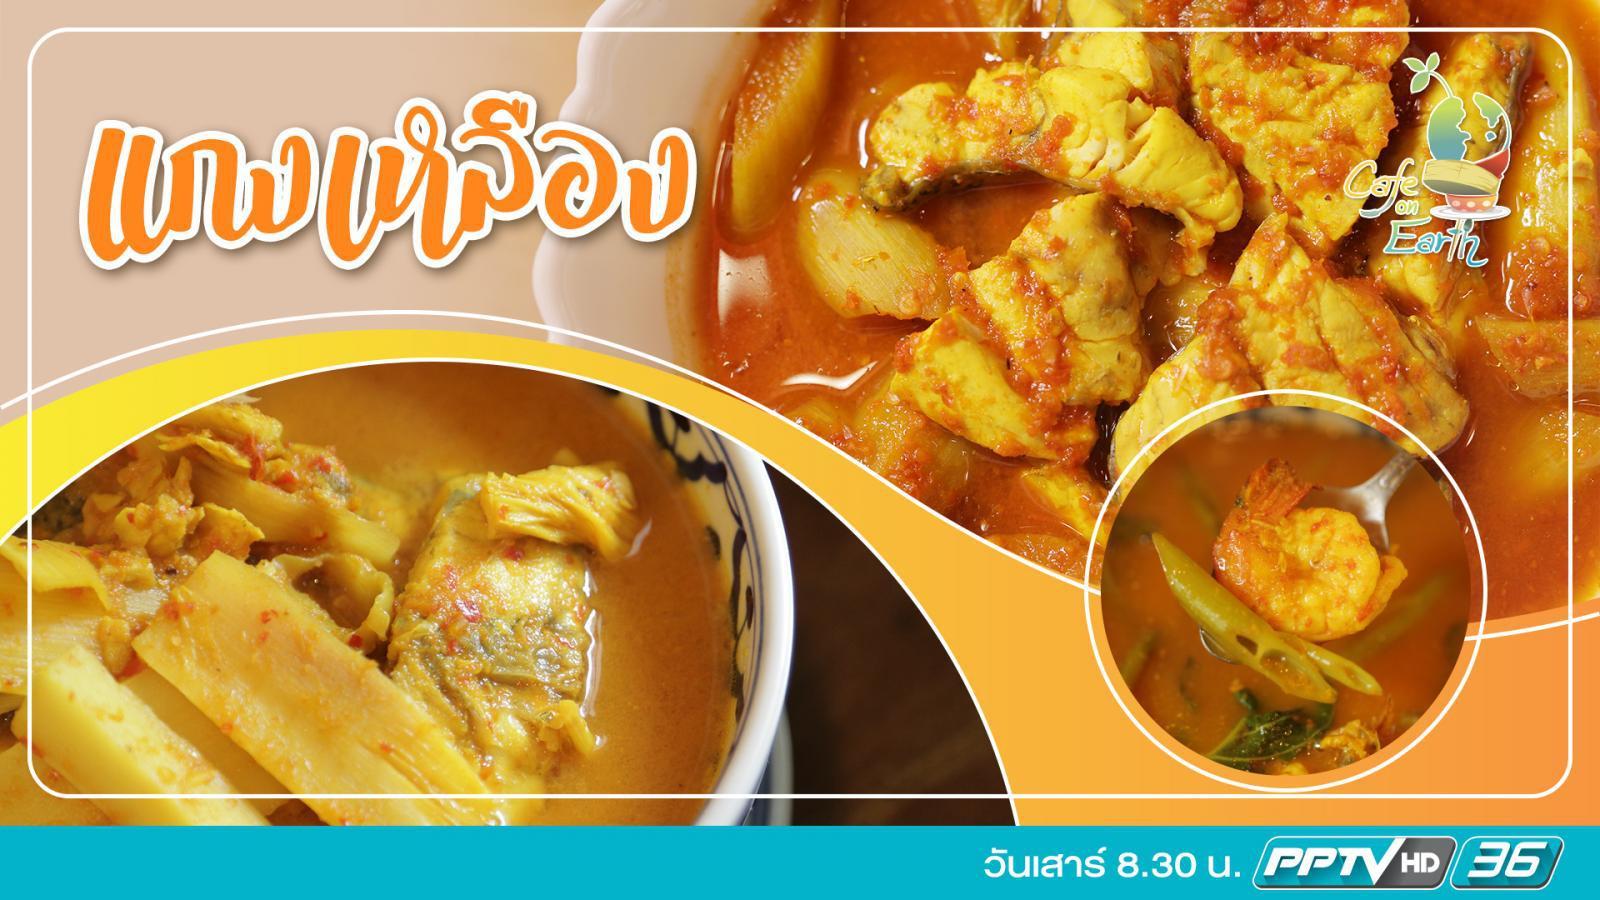 แกงเหลือง - อาหารเด็ดจากปักษ์ใต้